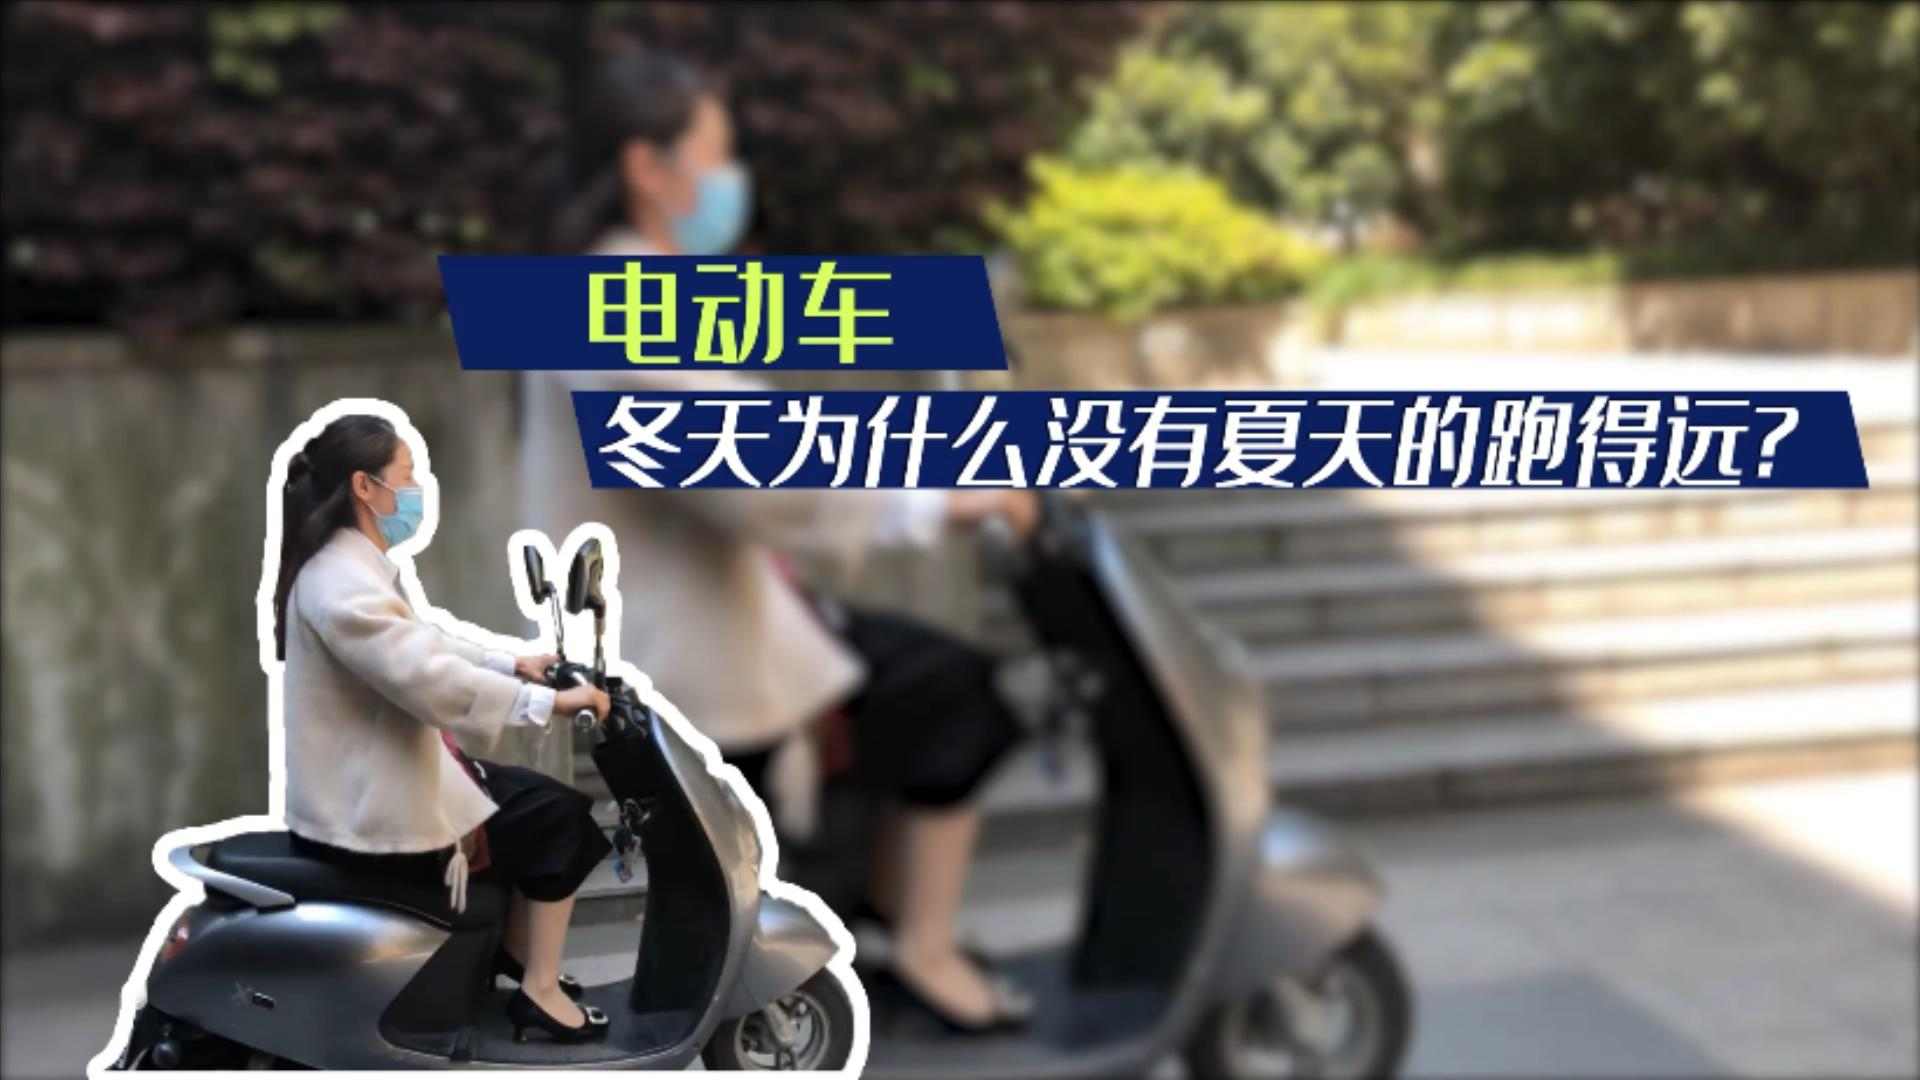 总裁说车第6期:夏天一到,电动车的续航就增加,是什么情况?